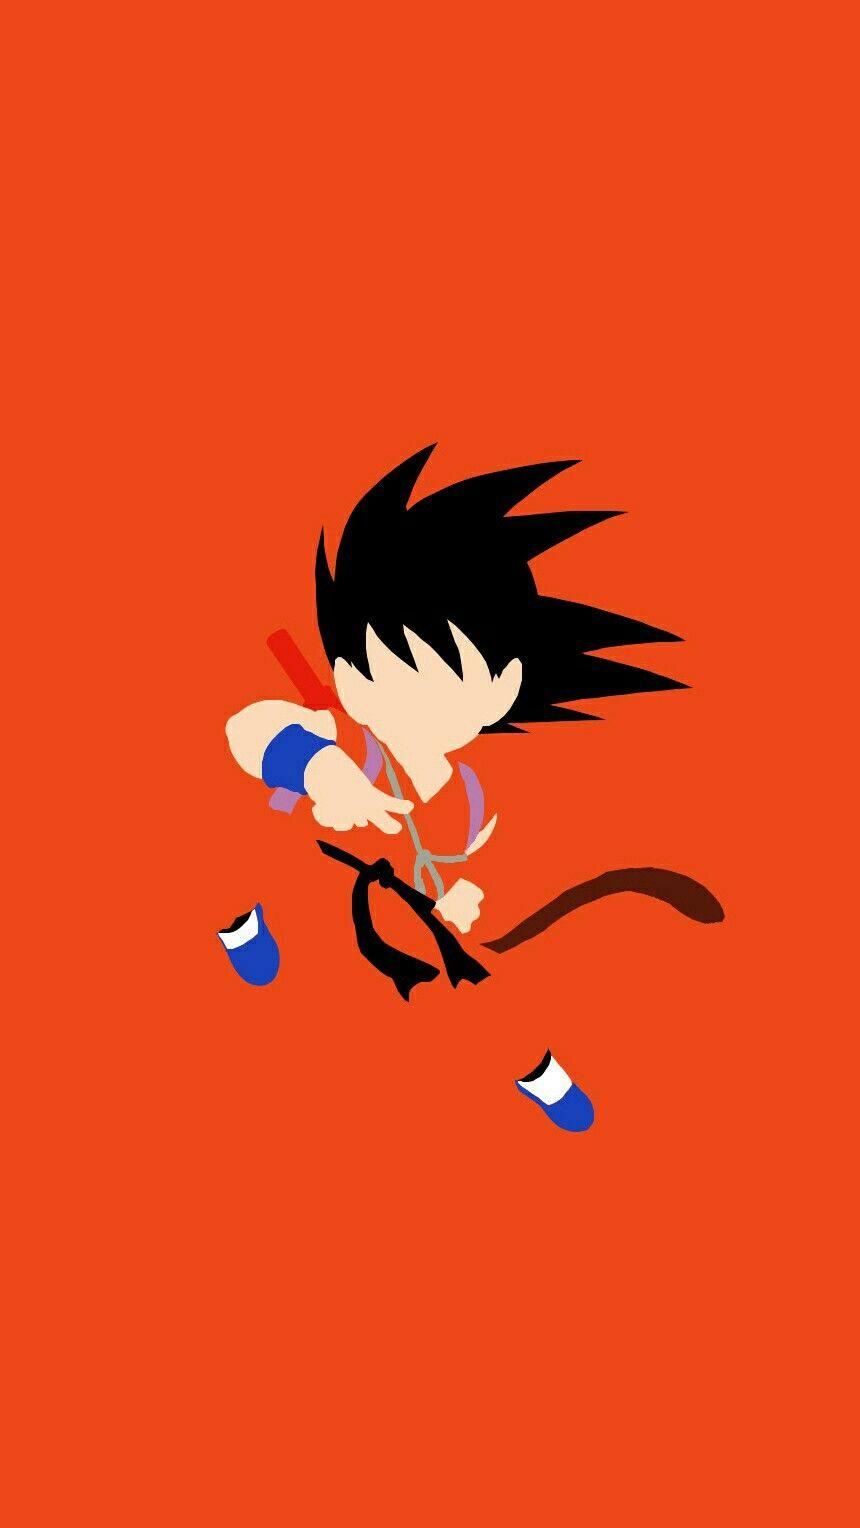 Son Goku Dragon Ball Dragon Ball Wallpapers Dragon Ball Super